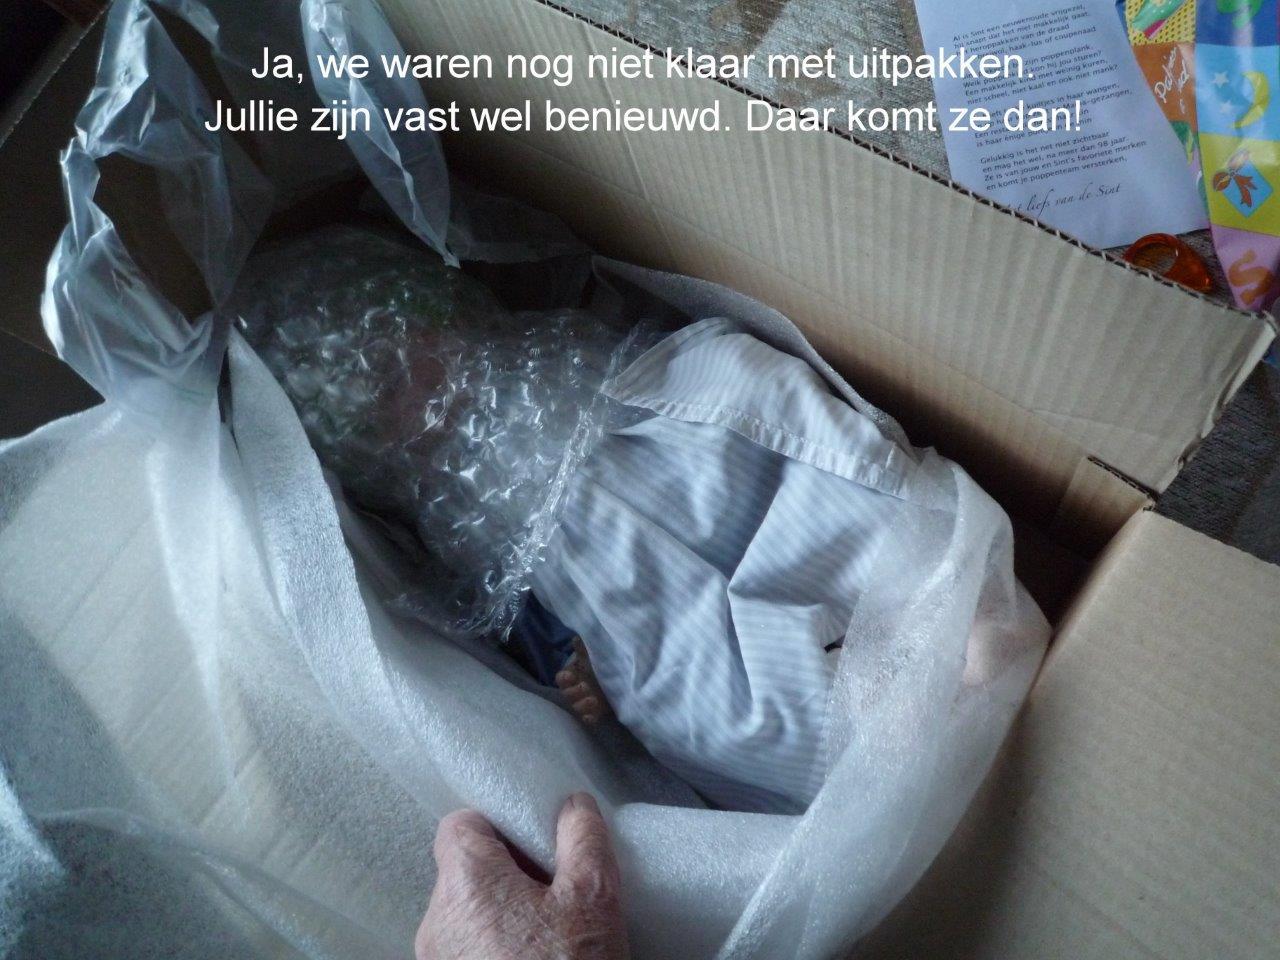 https://welkepopisdat.nl/afbeeldingen-Forum/DurvinaFotos/5%20poppen%20(13).jpg